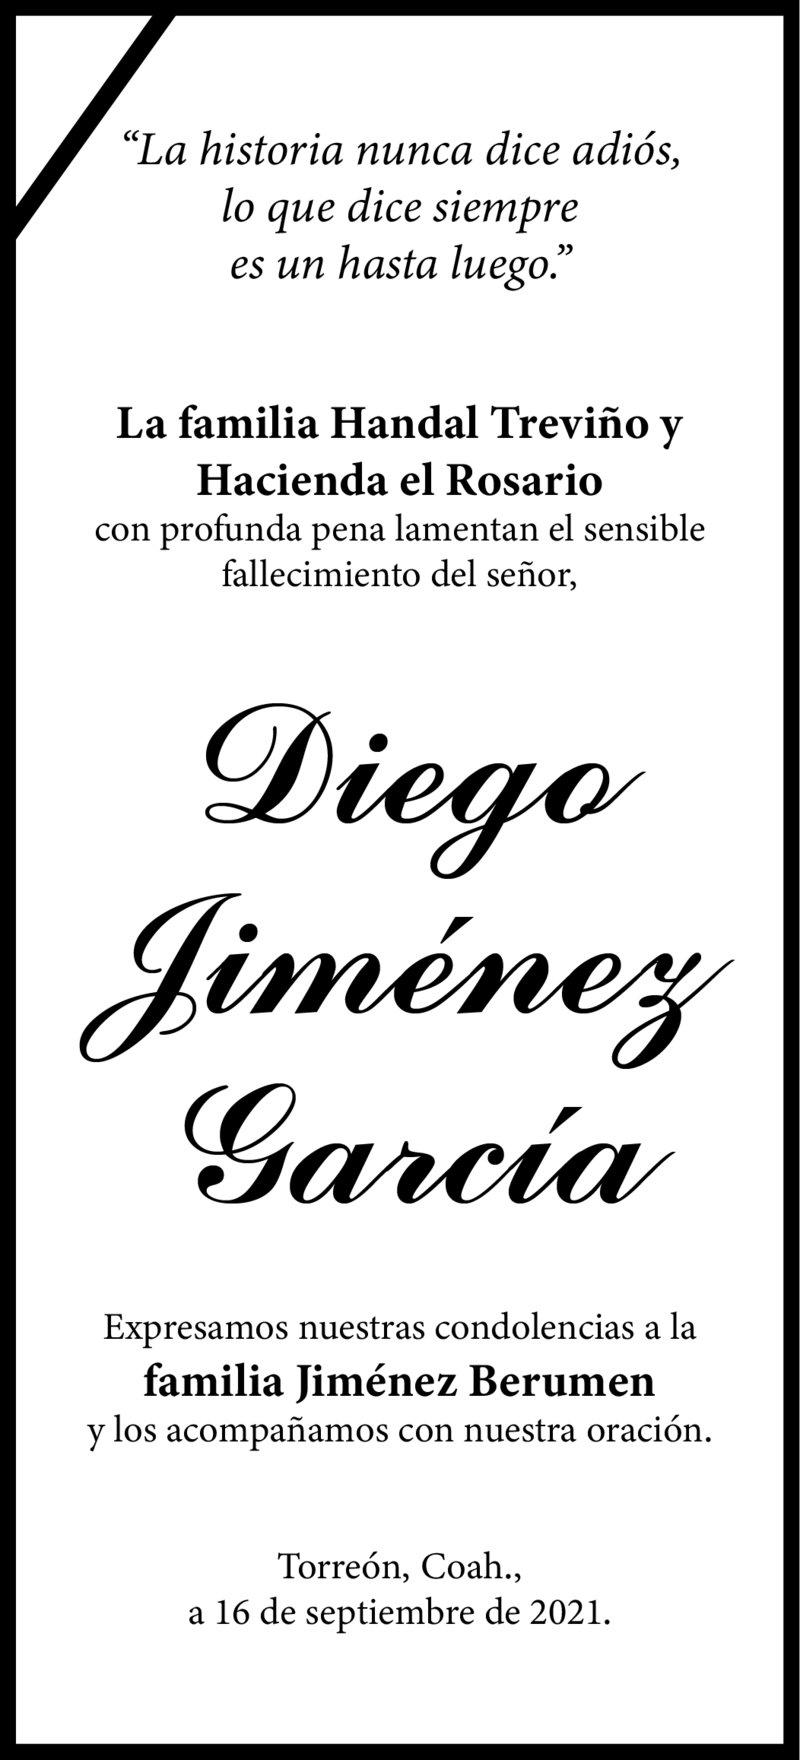 CONDOLENCIA: SR. DIEGO JIMÉNEZ GARCÍA. La familia Handal Treviño y Hacienda el Rosario, lamentan el sensible fallecimiento del Sr. Diego, envían sus más sentidas condolencias a la Familia Jiménez Berumen.